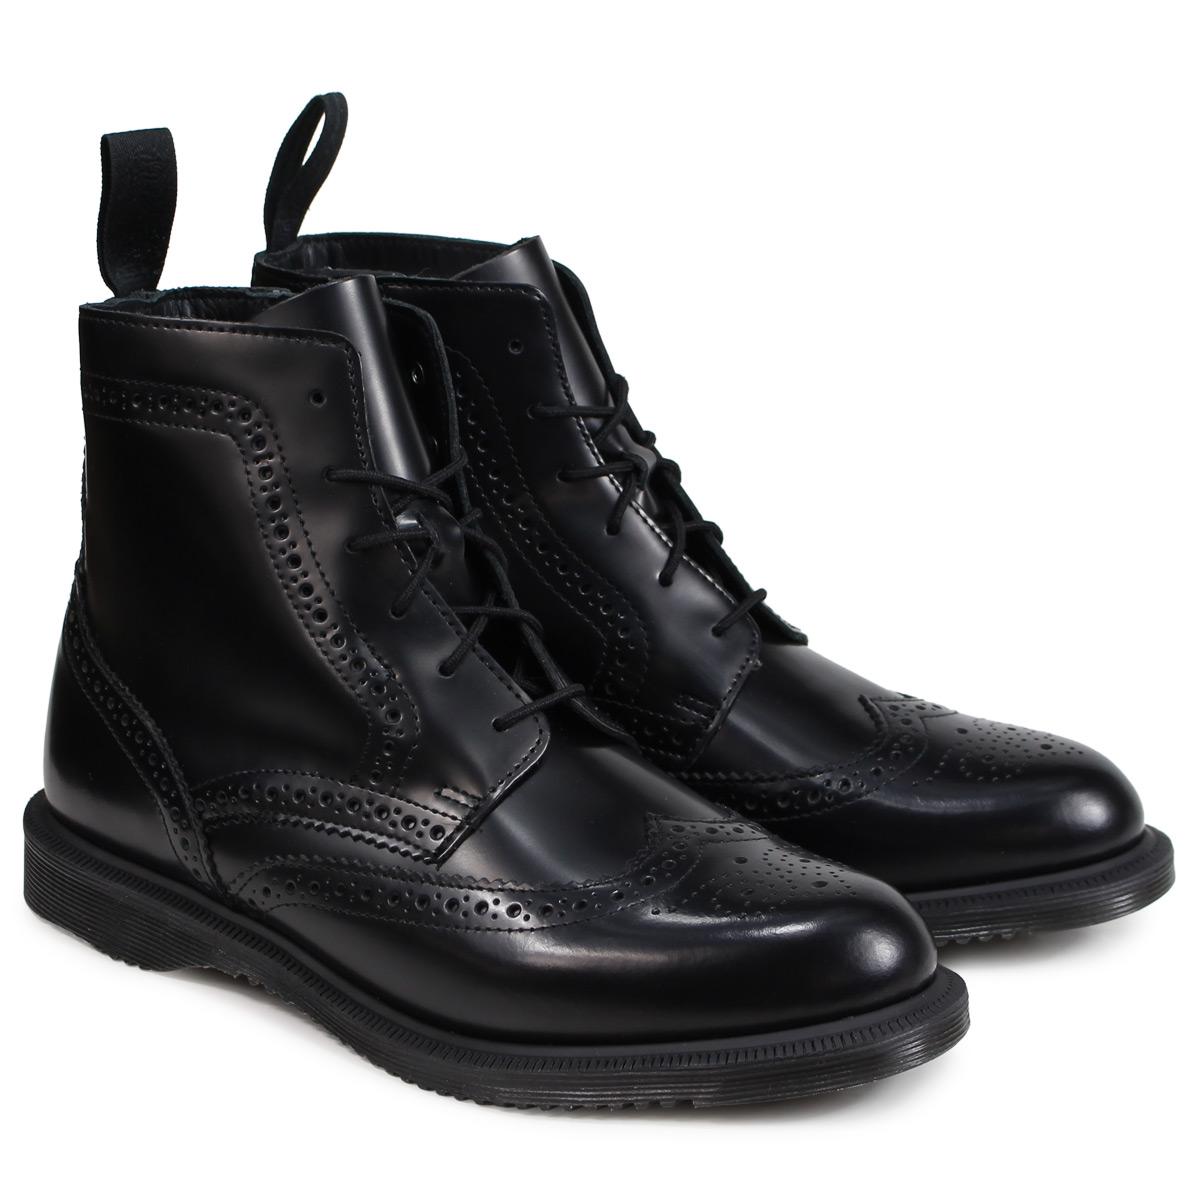 Dr.Martens DELPHINE 8EYE BROGUE BOOT ドクターマーチン 6ホール ブーツ レディース メンズ ブラック R22650001